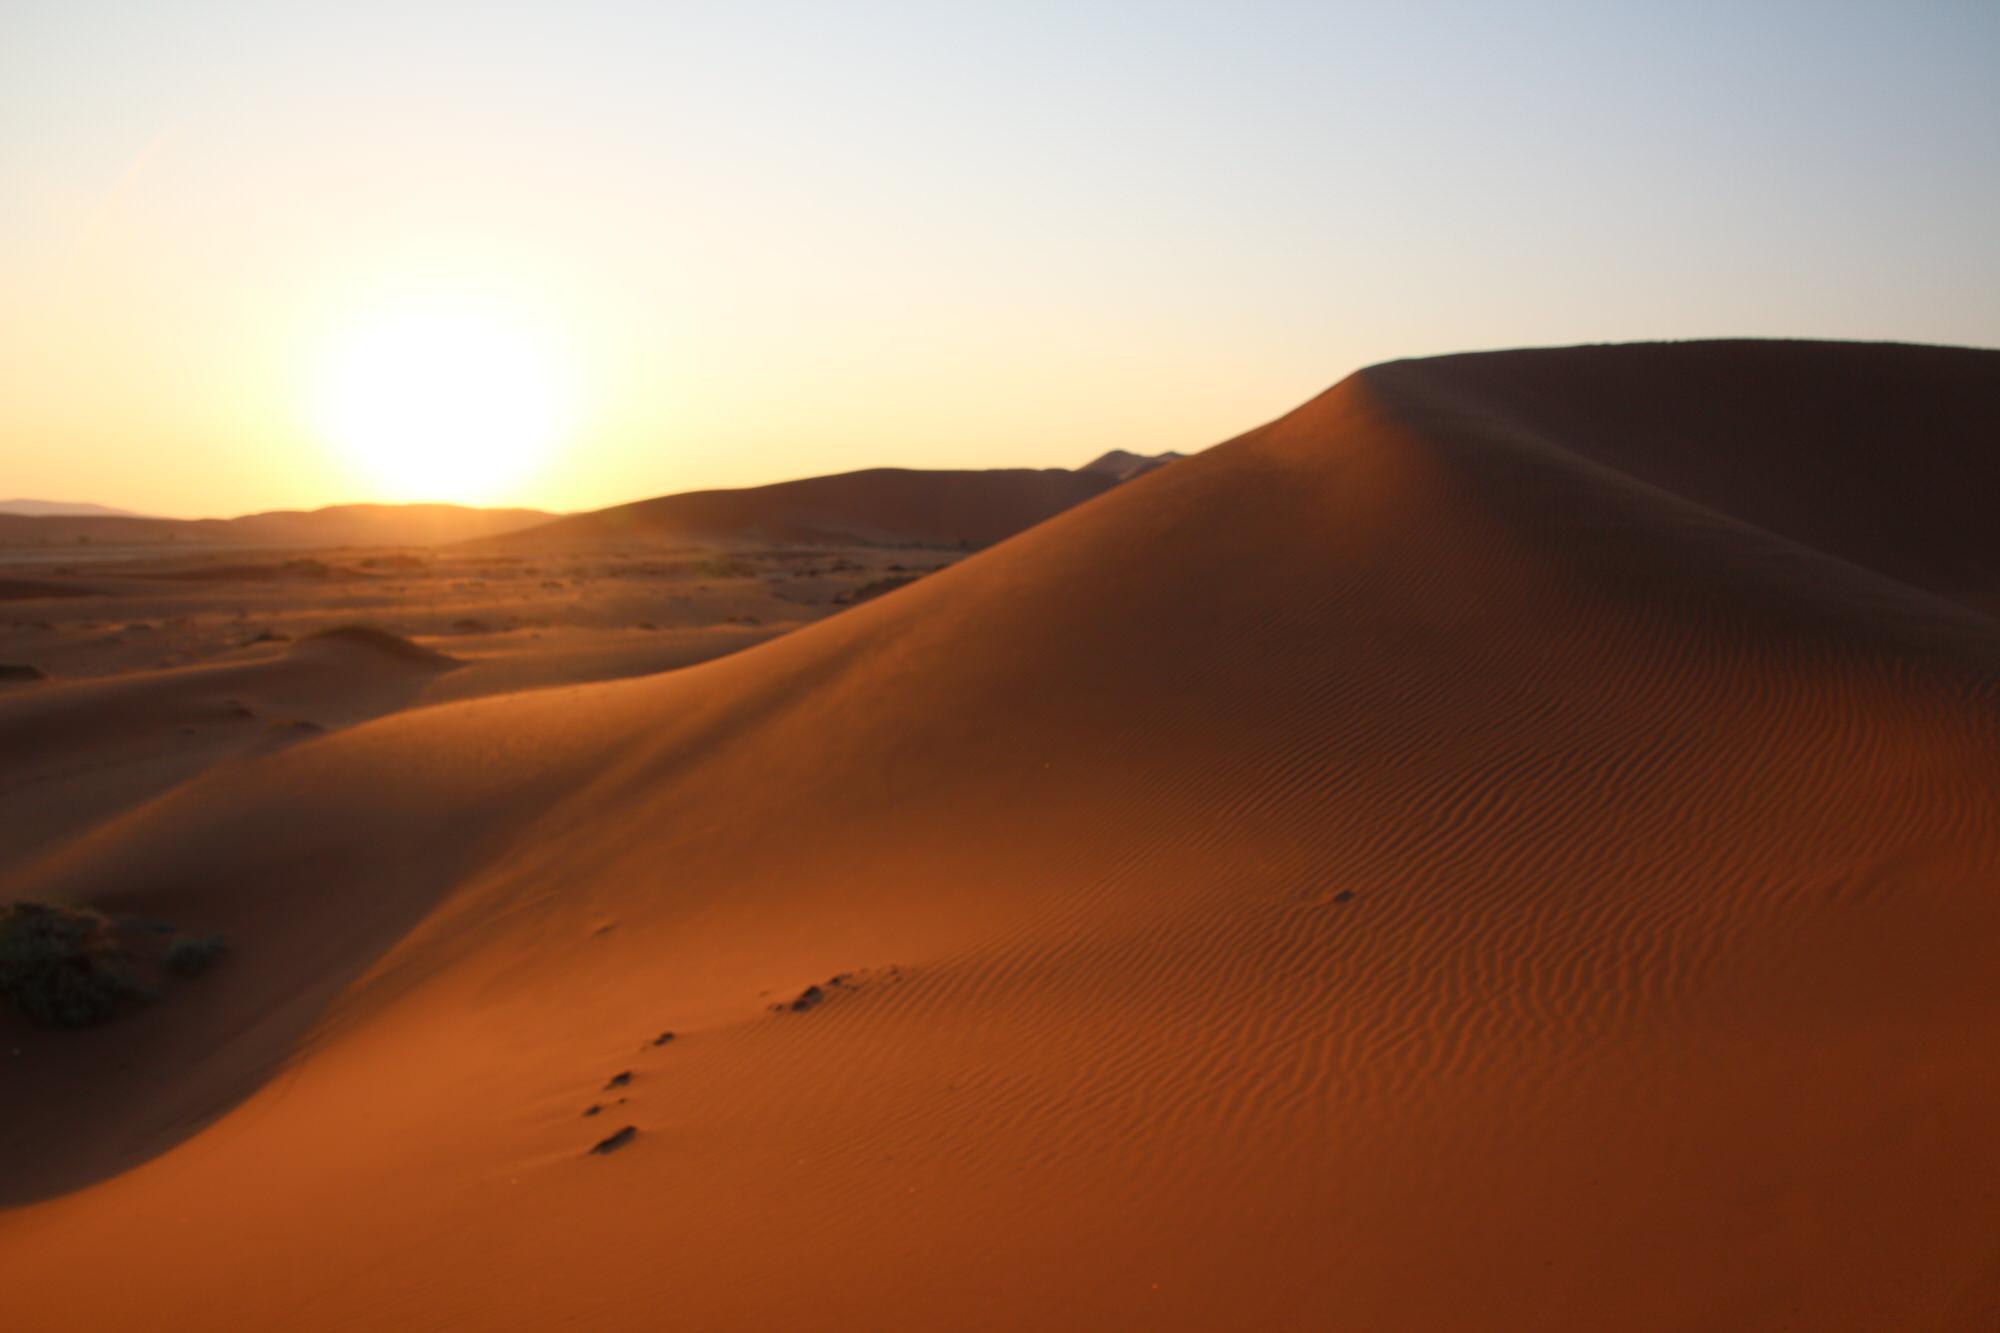 朝日に照らされる砂漠